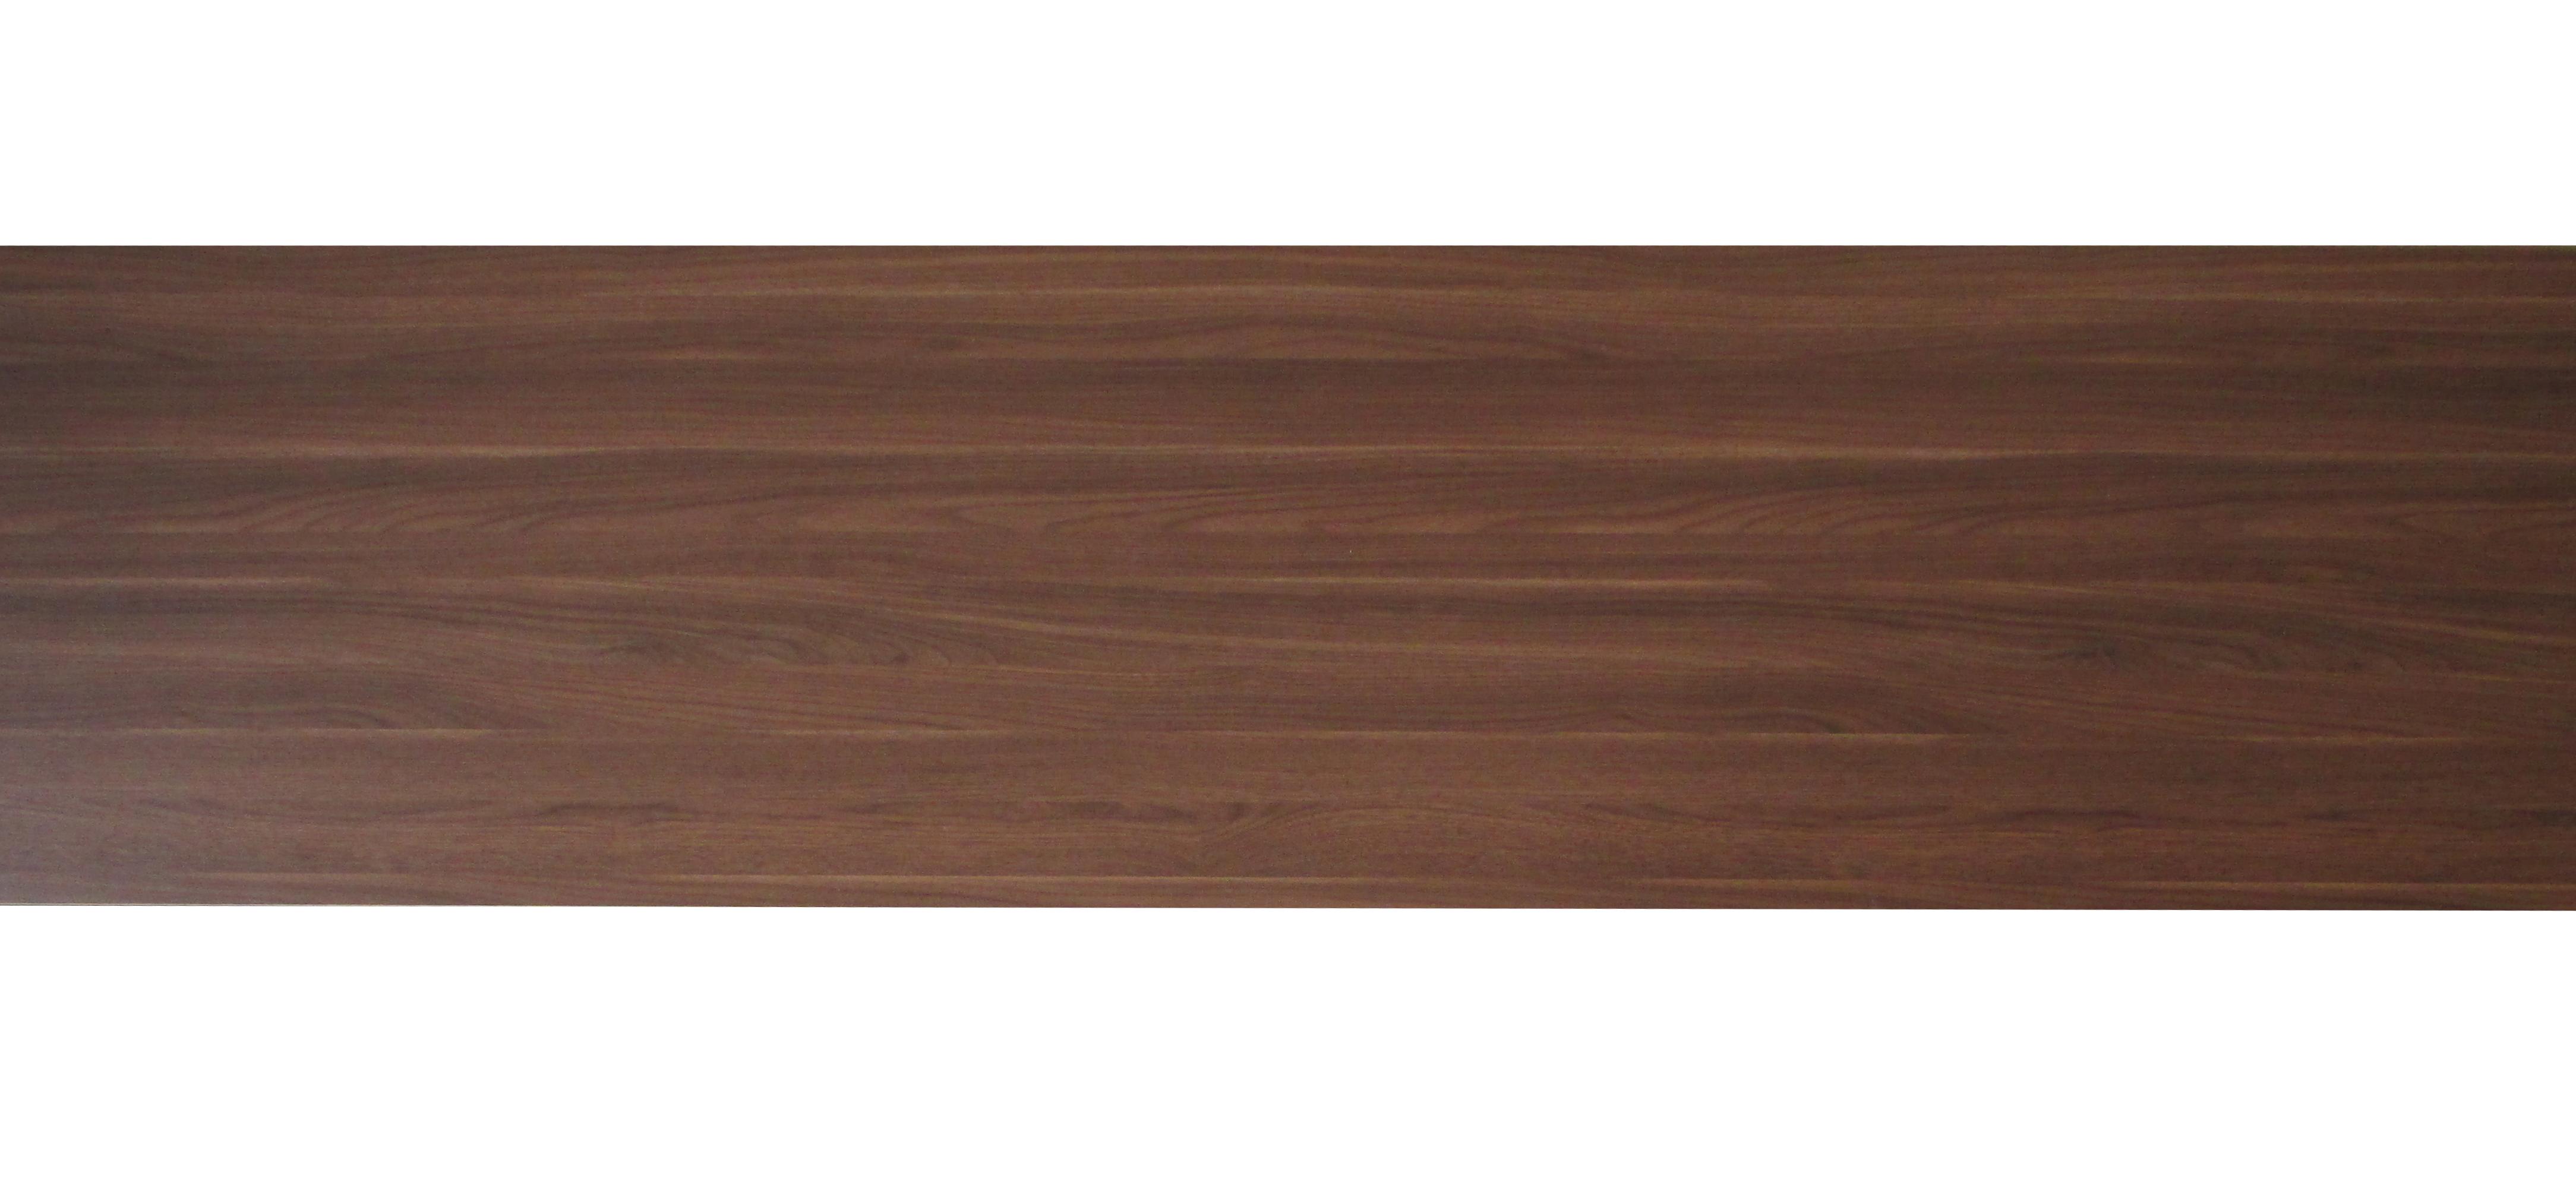 Küchenarbeitsplatten Eiche ikea arbeitsplatte eiche die schönsten einrichtungsideen